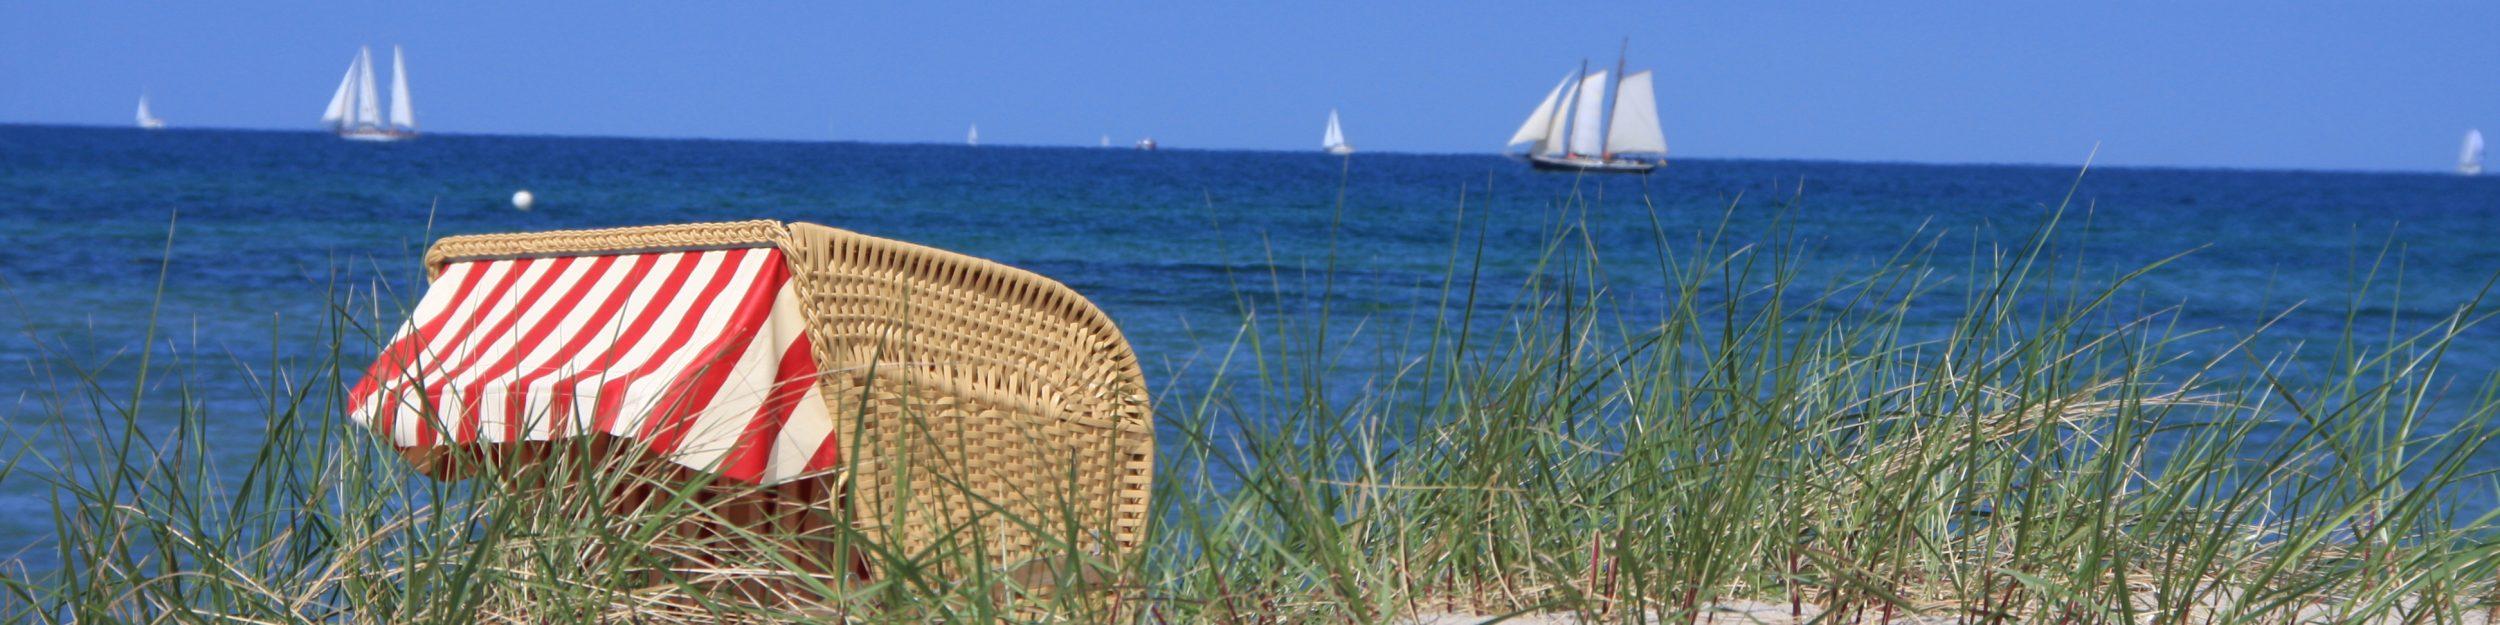 Ostseeurlaub in Heiligenhafen